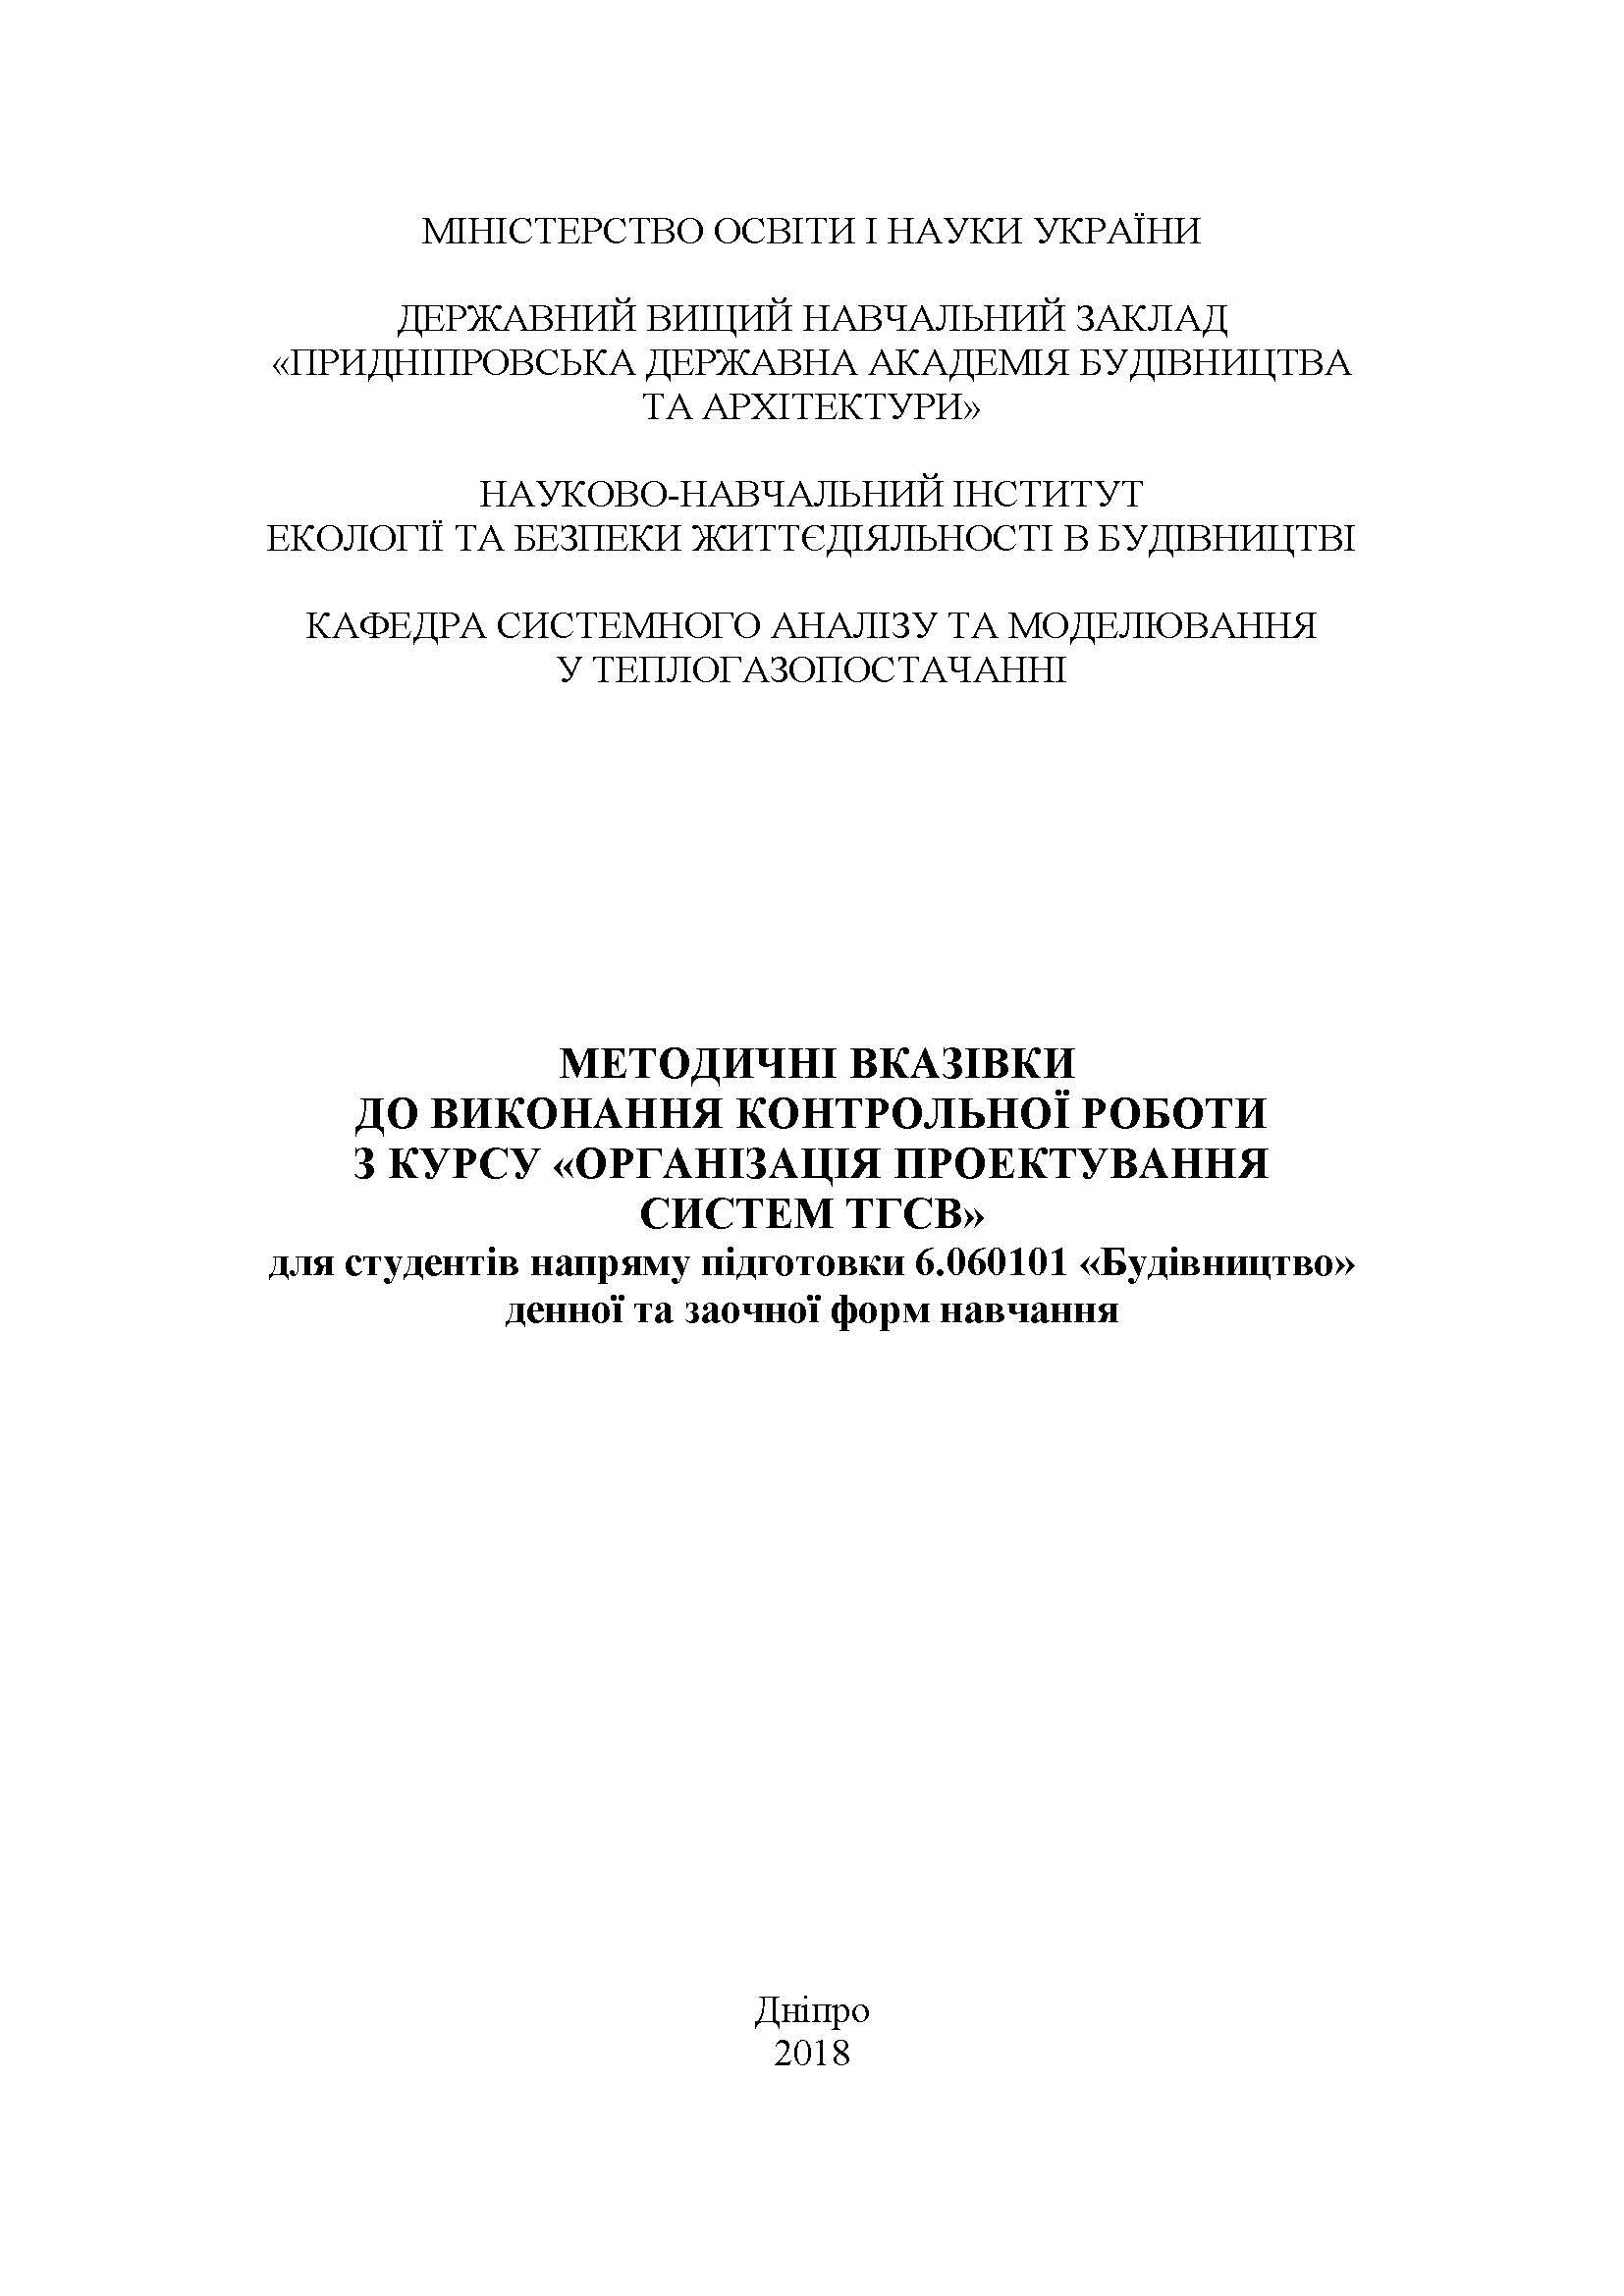 Методичні вказівки до виконання контрольної роботи з курсу «Організація проектування систем ТГПВ», 2018